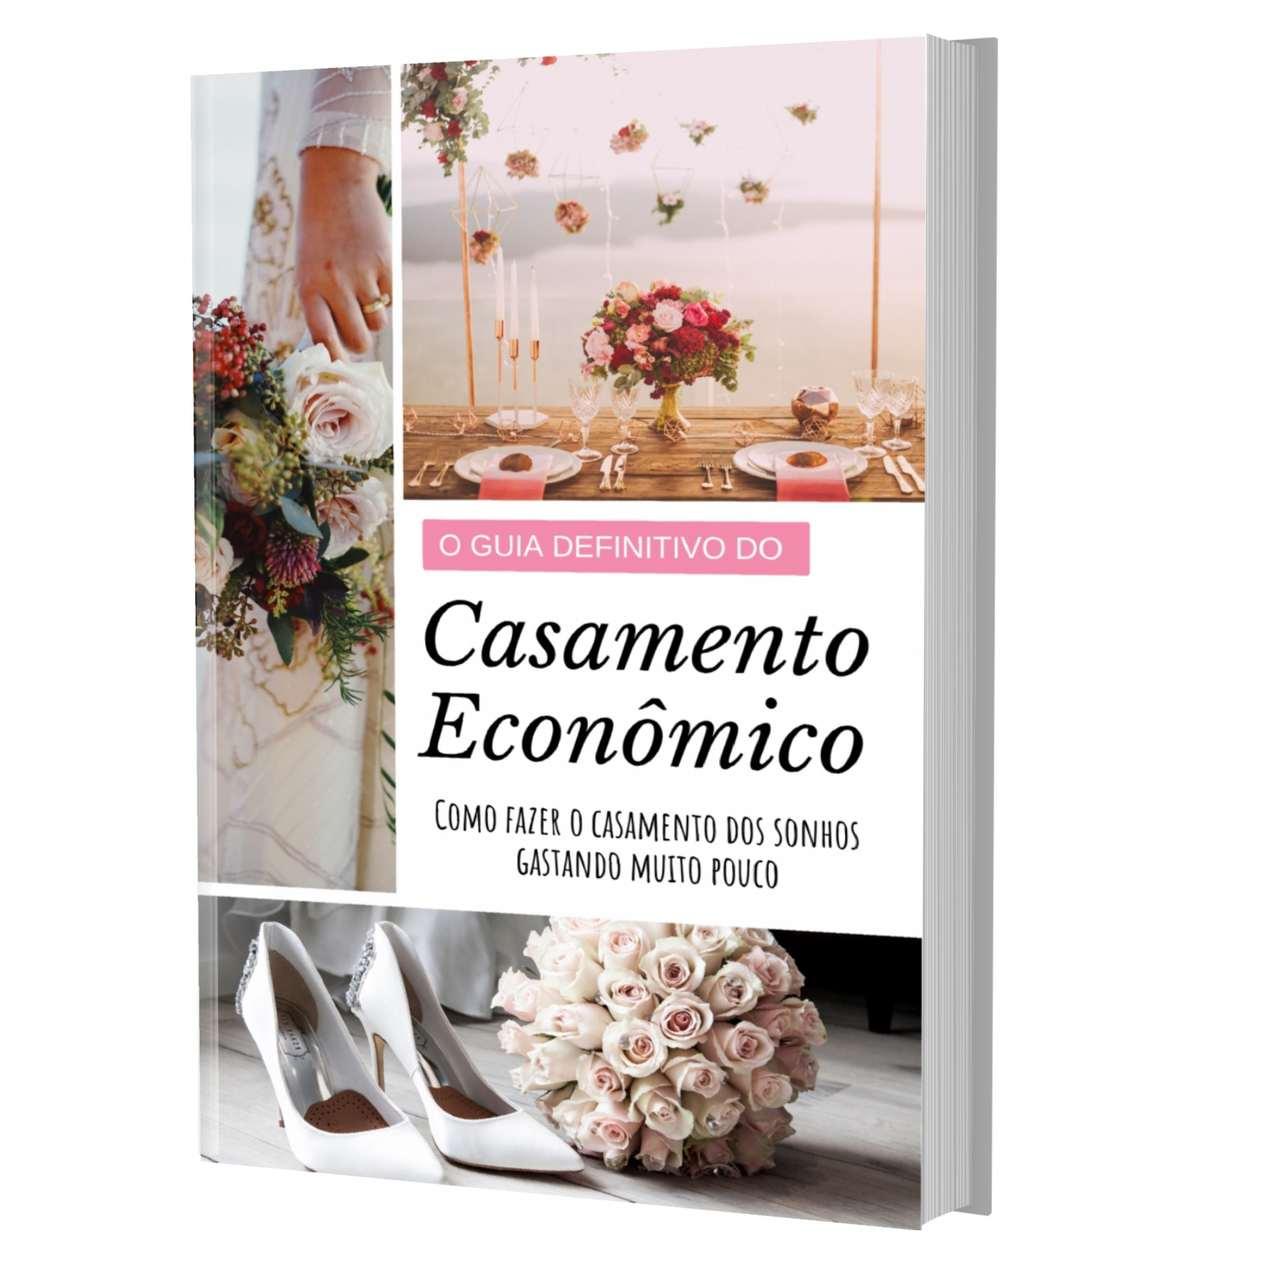 o guia definitivo do casamento econômico pdf download